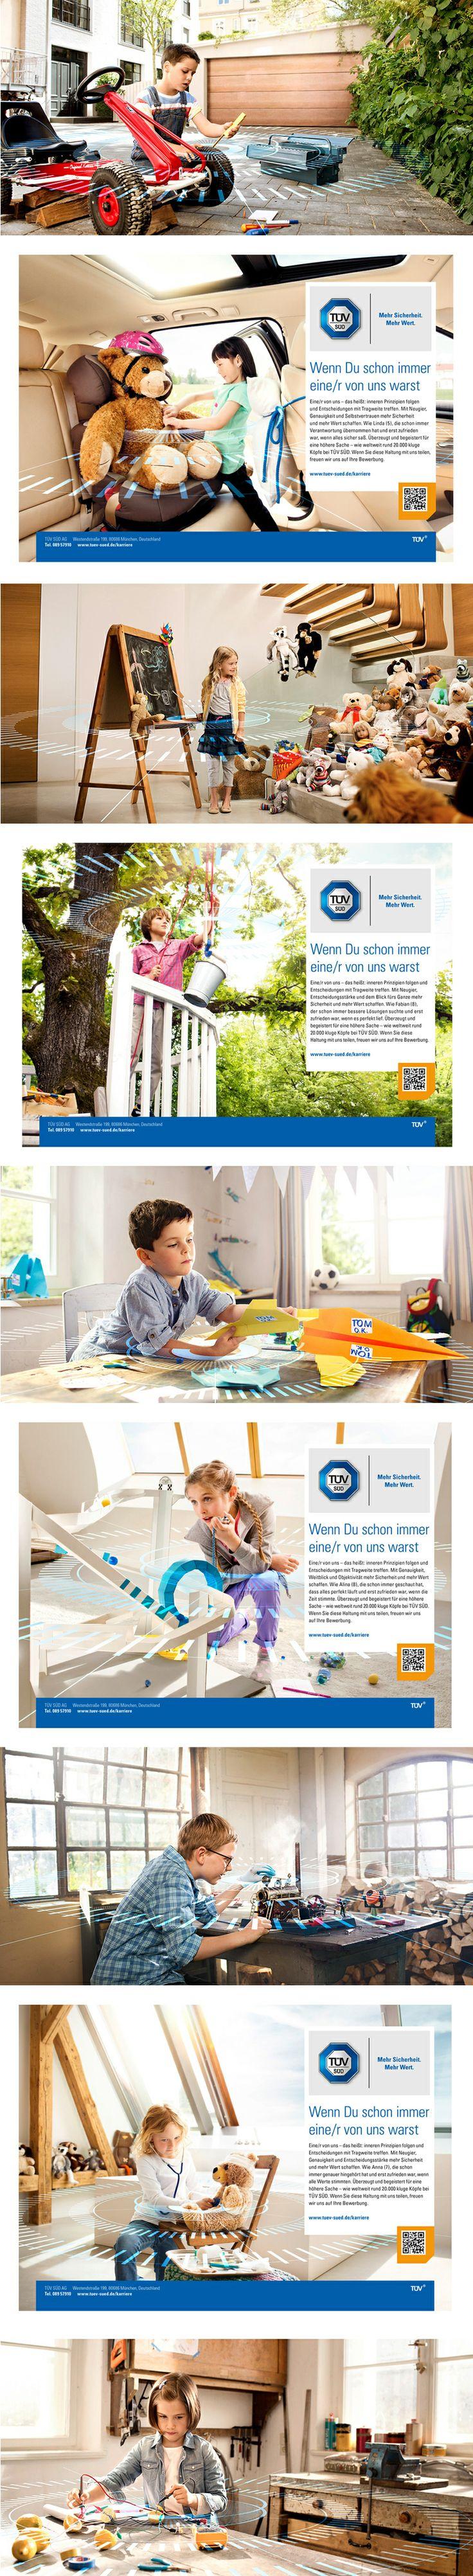 TÜV SÜD – Arbeitgeber-Kampagne Wenn du schon immer eine/r von uns warst, Schindler Parent #tuevsued #schindlerparent #arbeitgeberkampagne